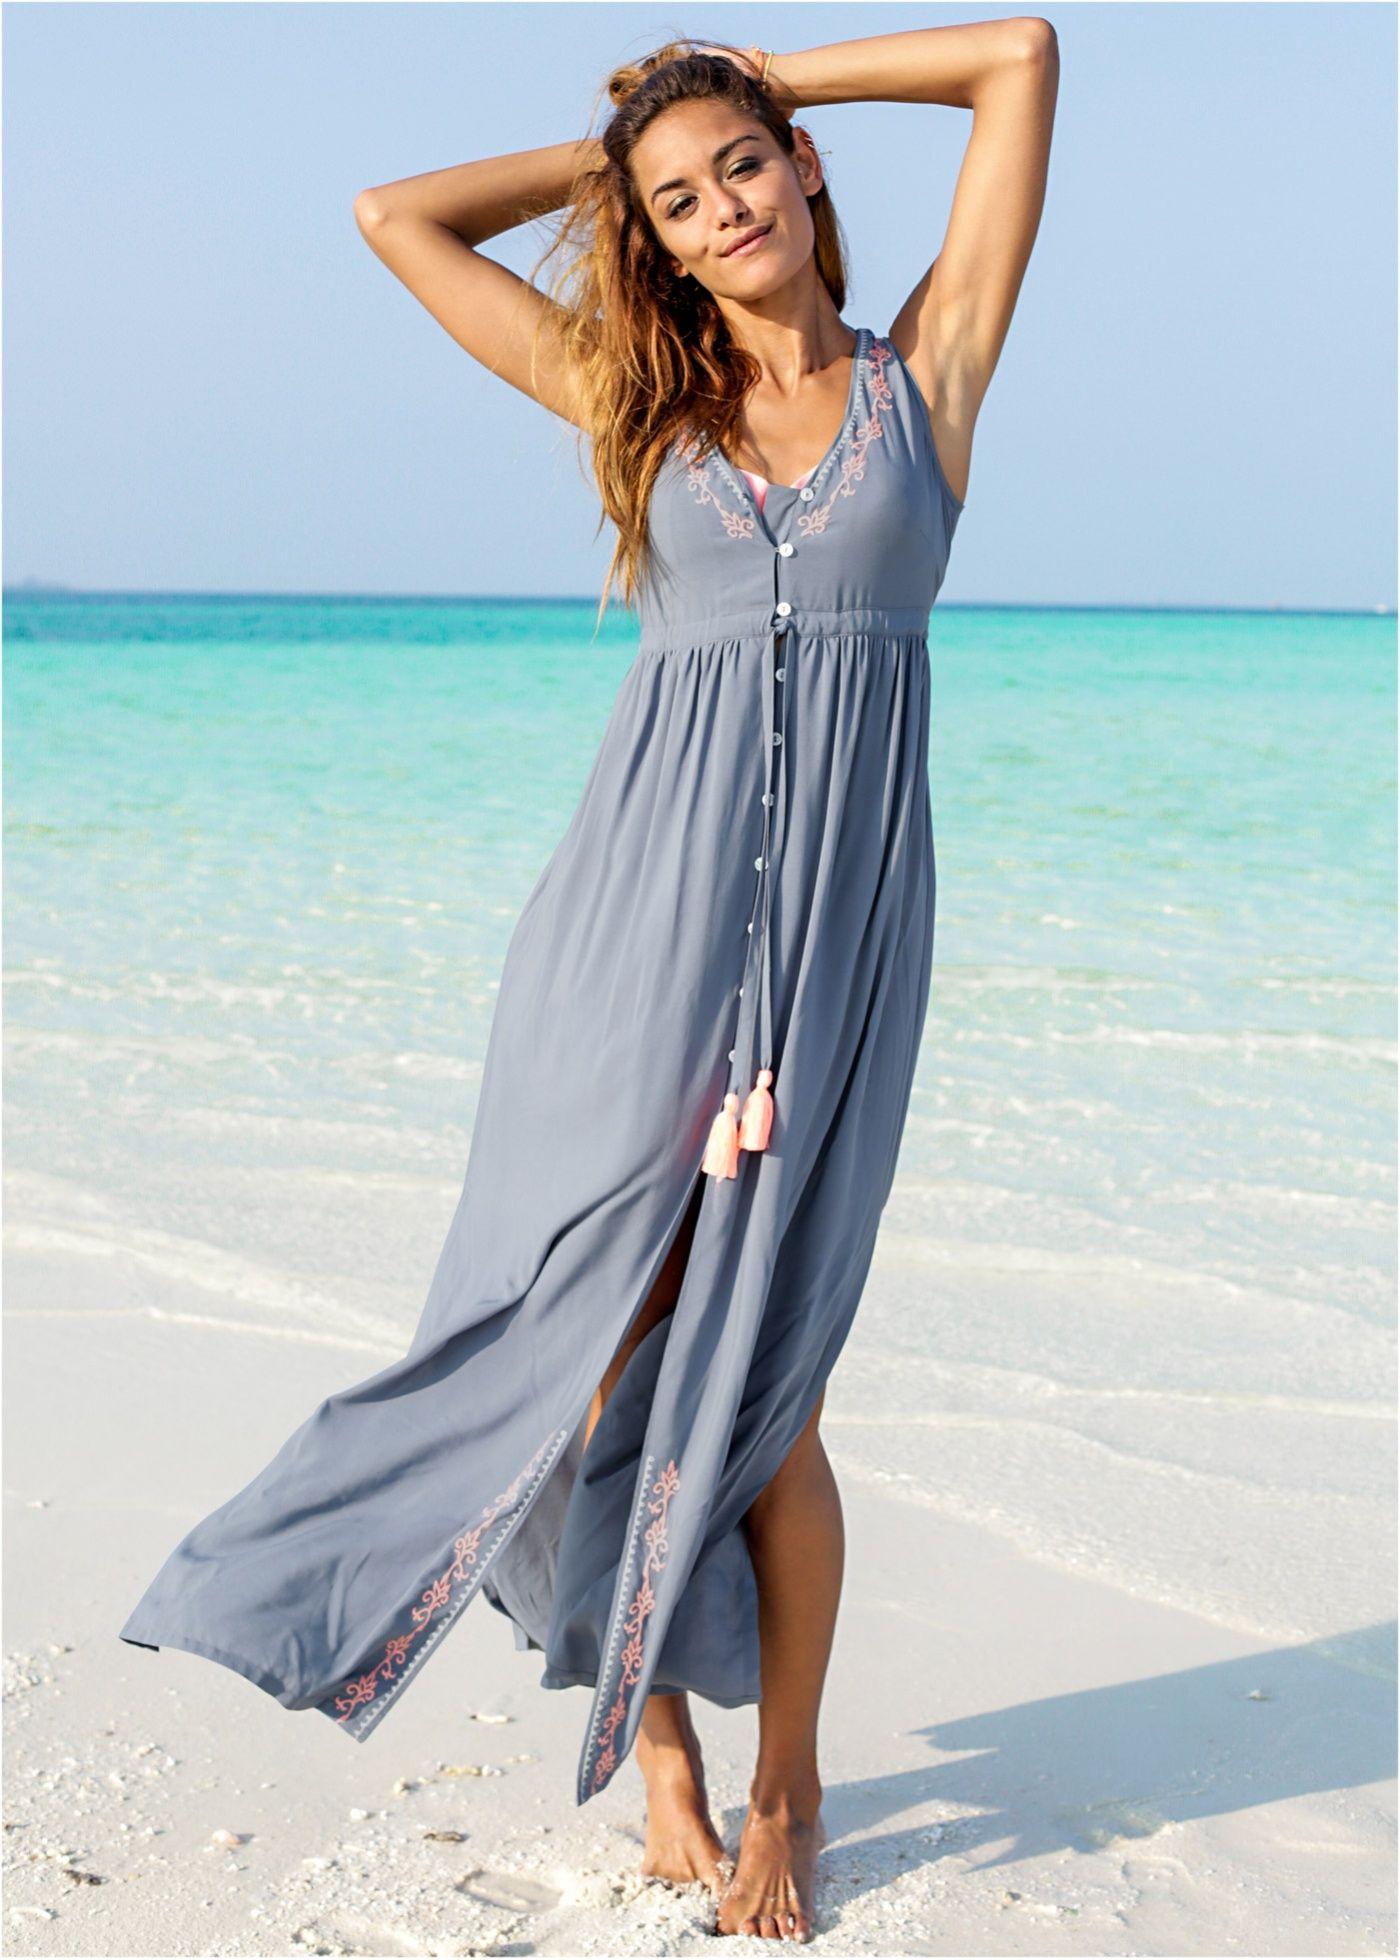 Kleid rauchblau/neonorange - RAINBOW jetzt im Online Shop von